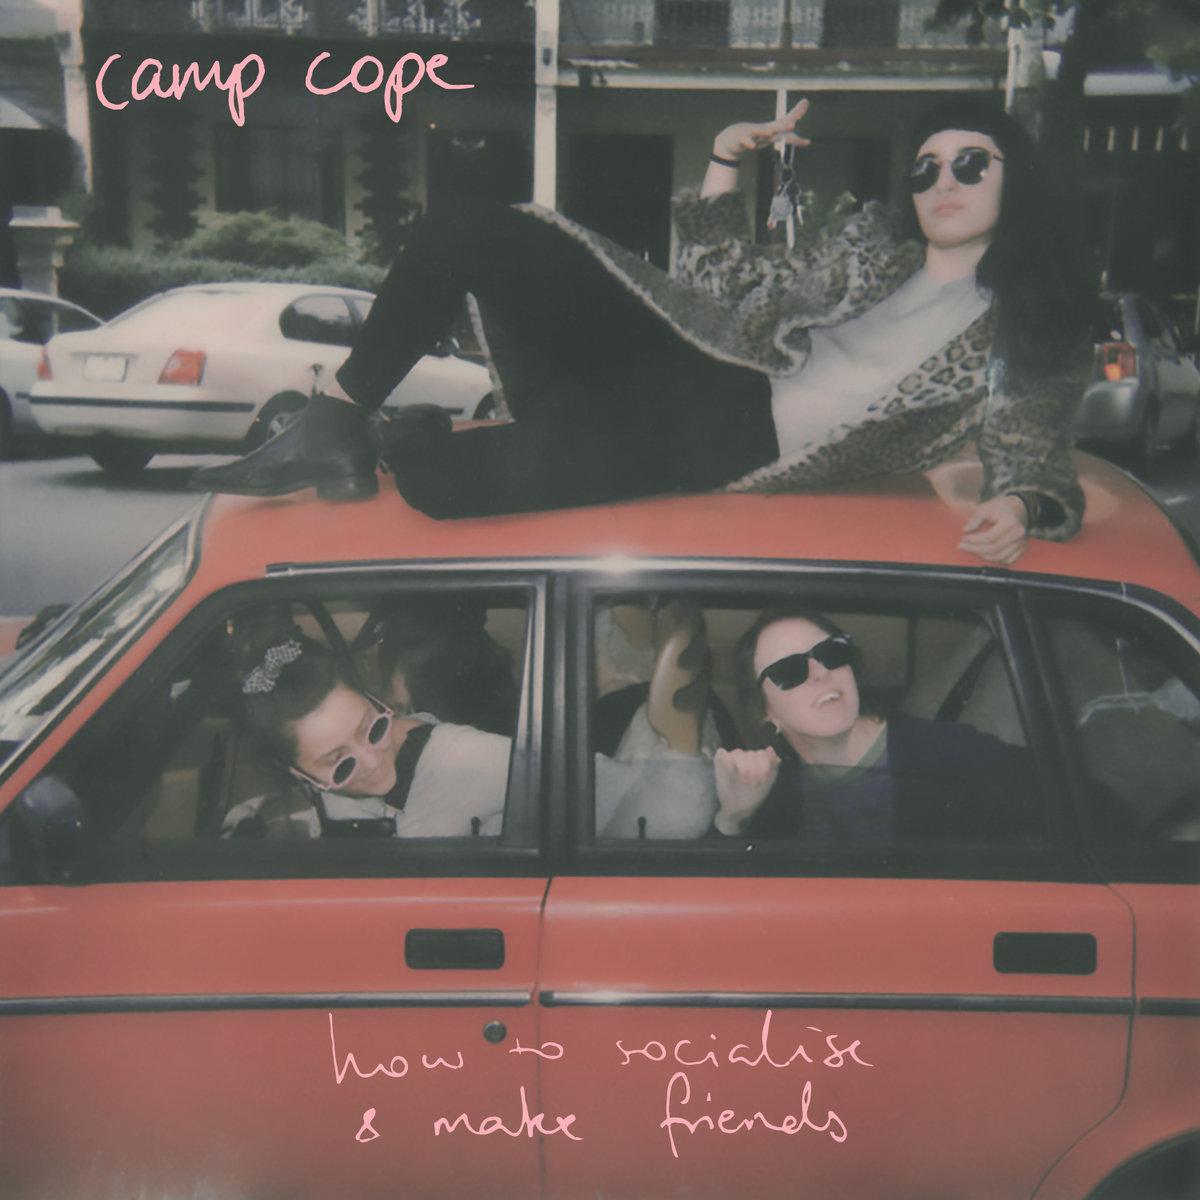 camp-cope-1543509627